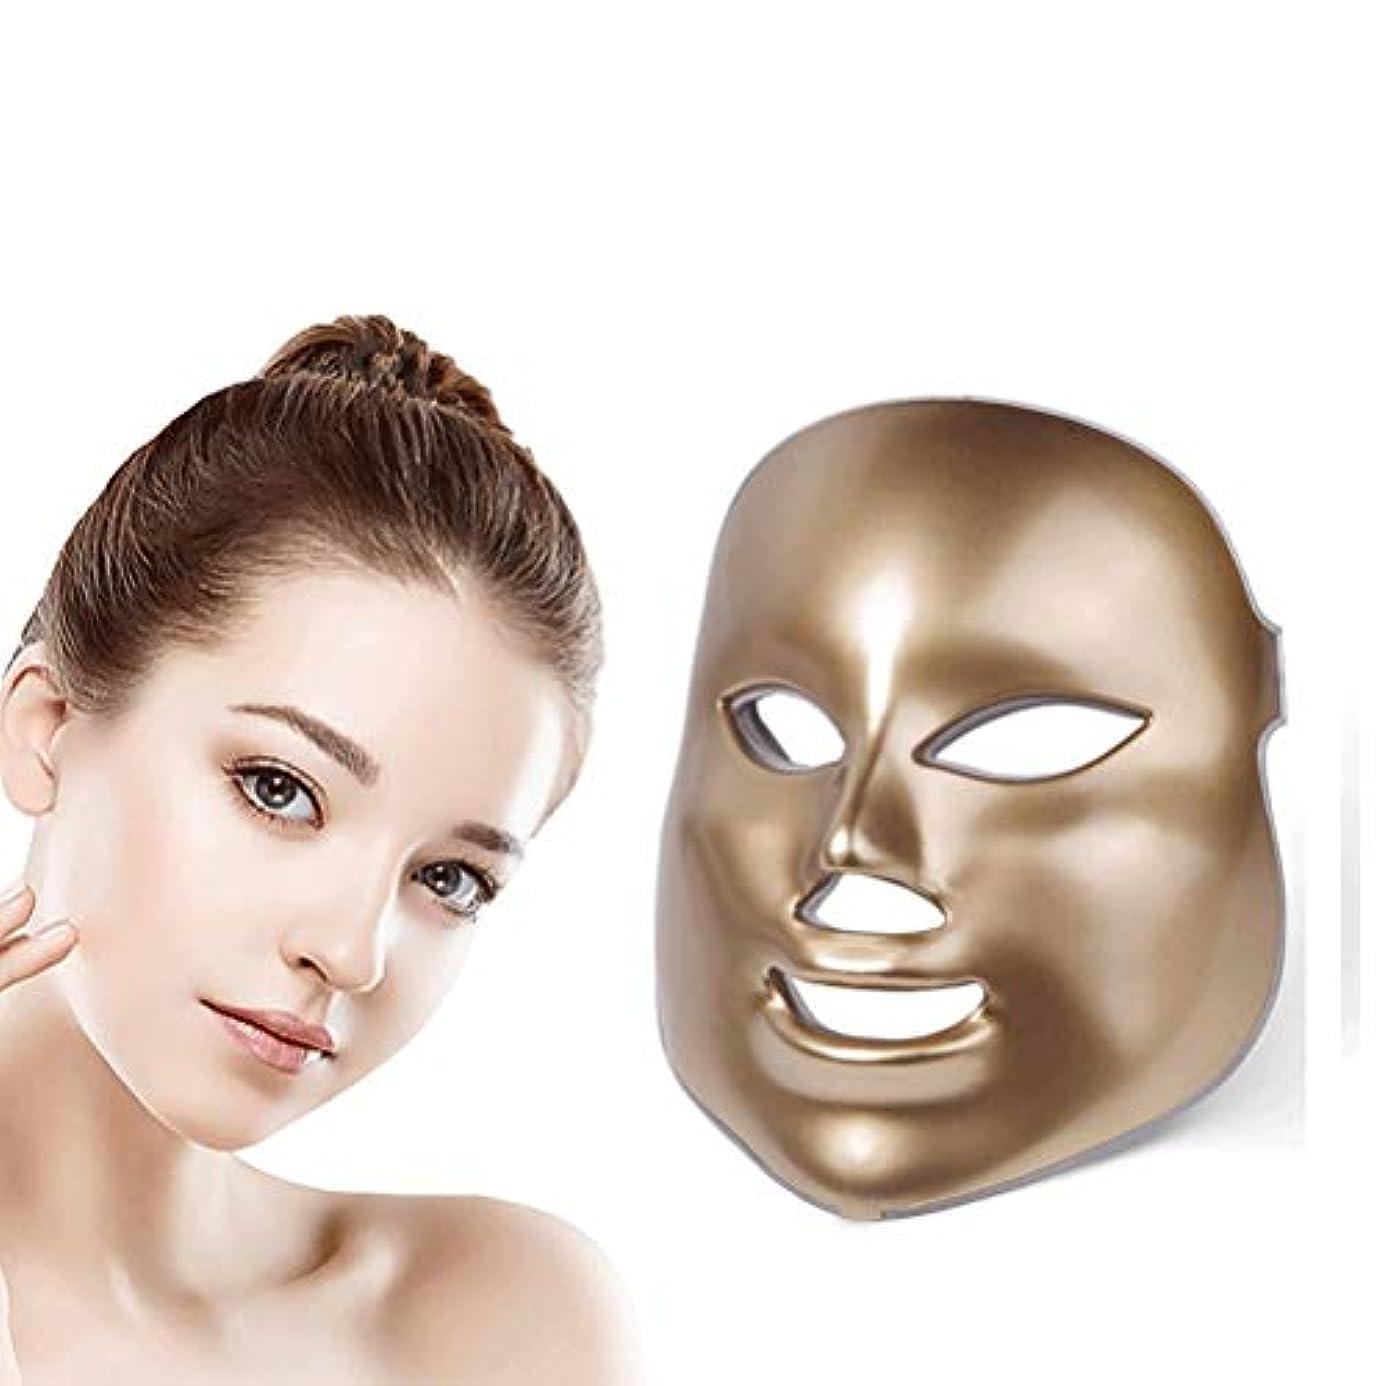 花瓶ワイドアニメーション美容ライトセラピーフェイスマスク、LEDフォトンセラピー7色の光処理スキンフェイシャル?ビューティサロンPDT技術にきび削減リンクル肌の若返りのために